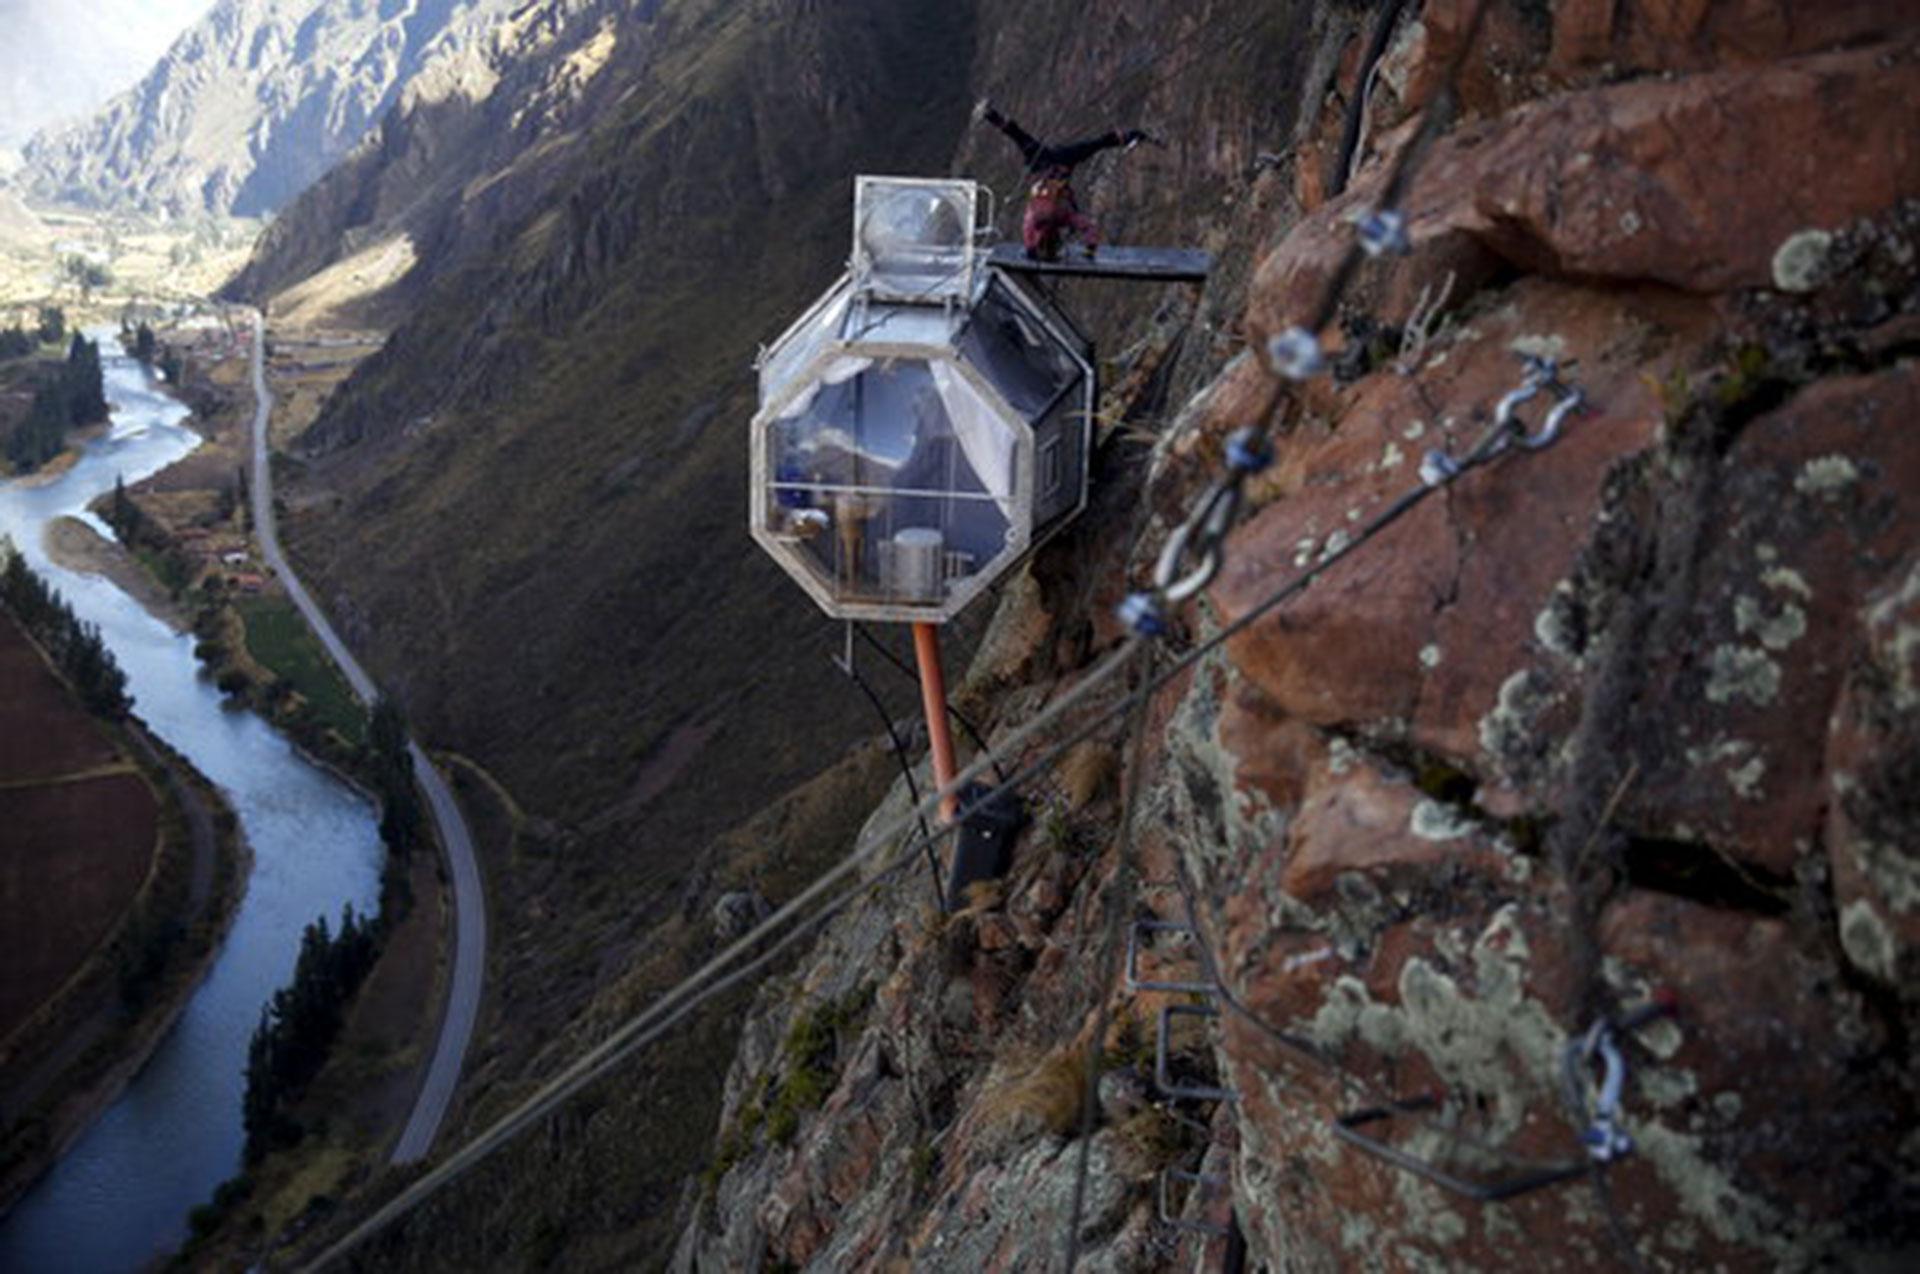 Skylodge Adventure Suites (Cuzco, Perú). Ubicado en el Valle Sagrado de los Incas, es pequeño, pero dormir en sus cápsulas colgantes y transparentes genera la sensación de que uno está en el aire. Para llegar a ellas hay que escalar 400 metros (Reuters/ Pilar Olivares)